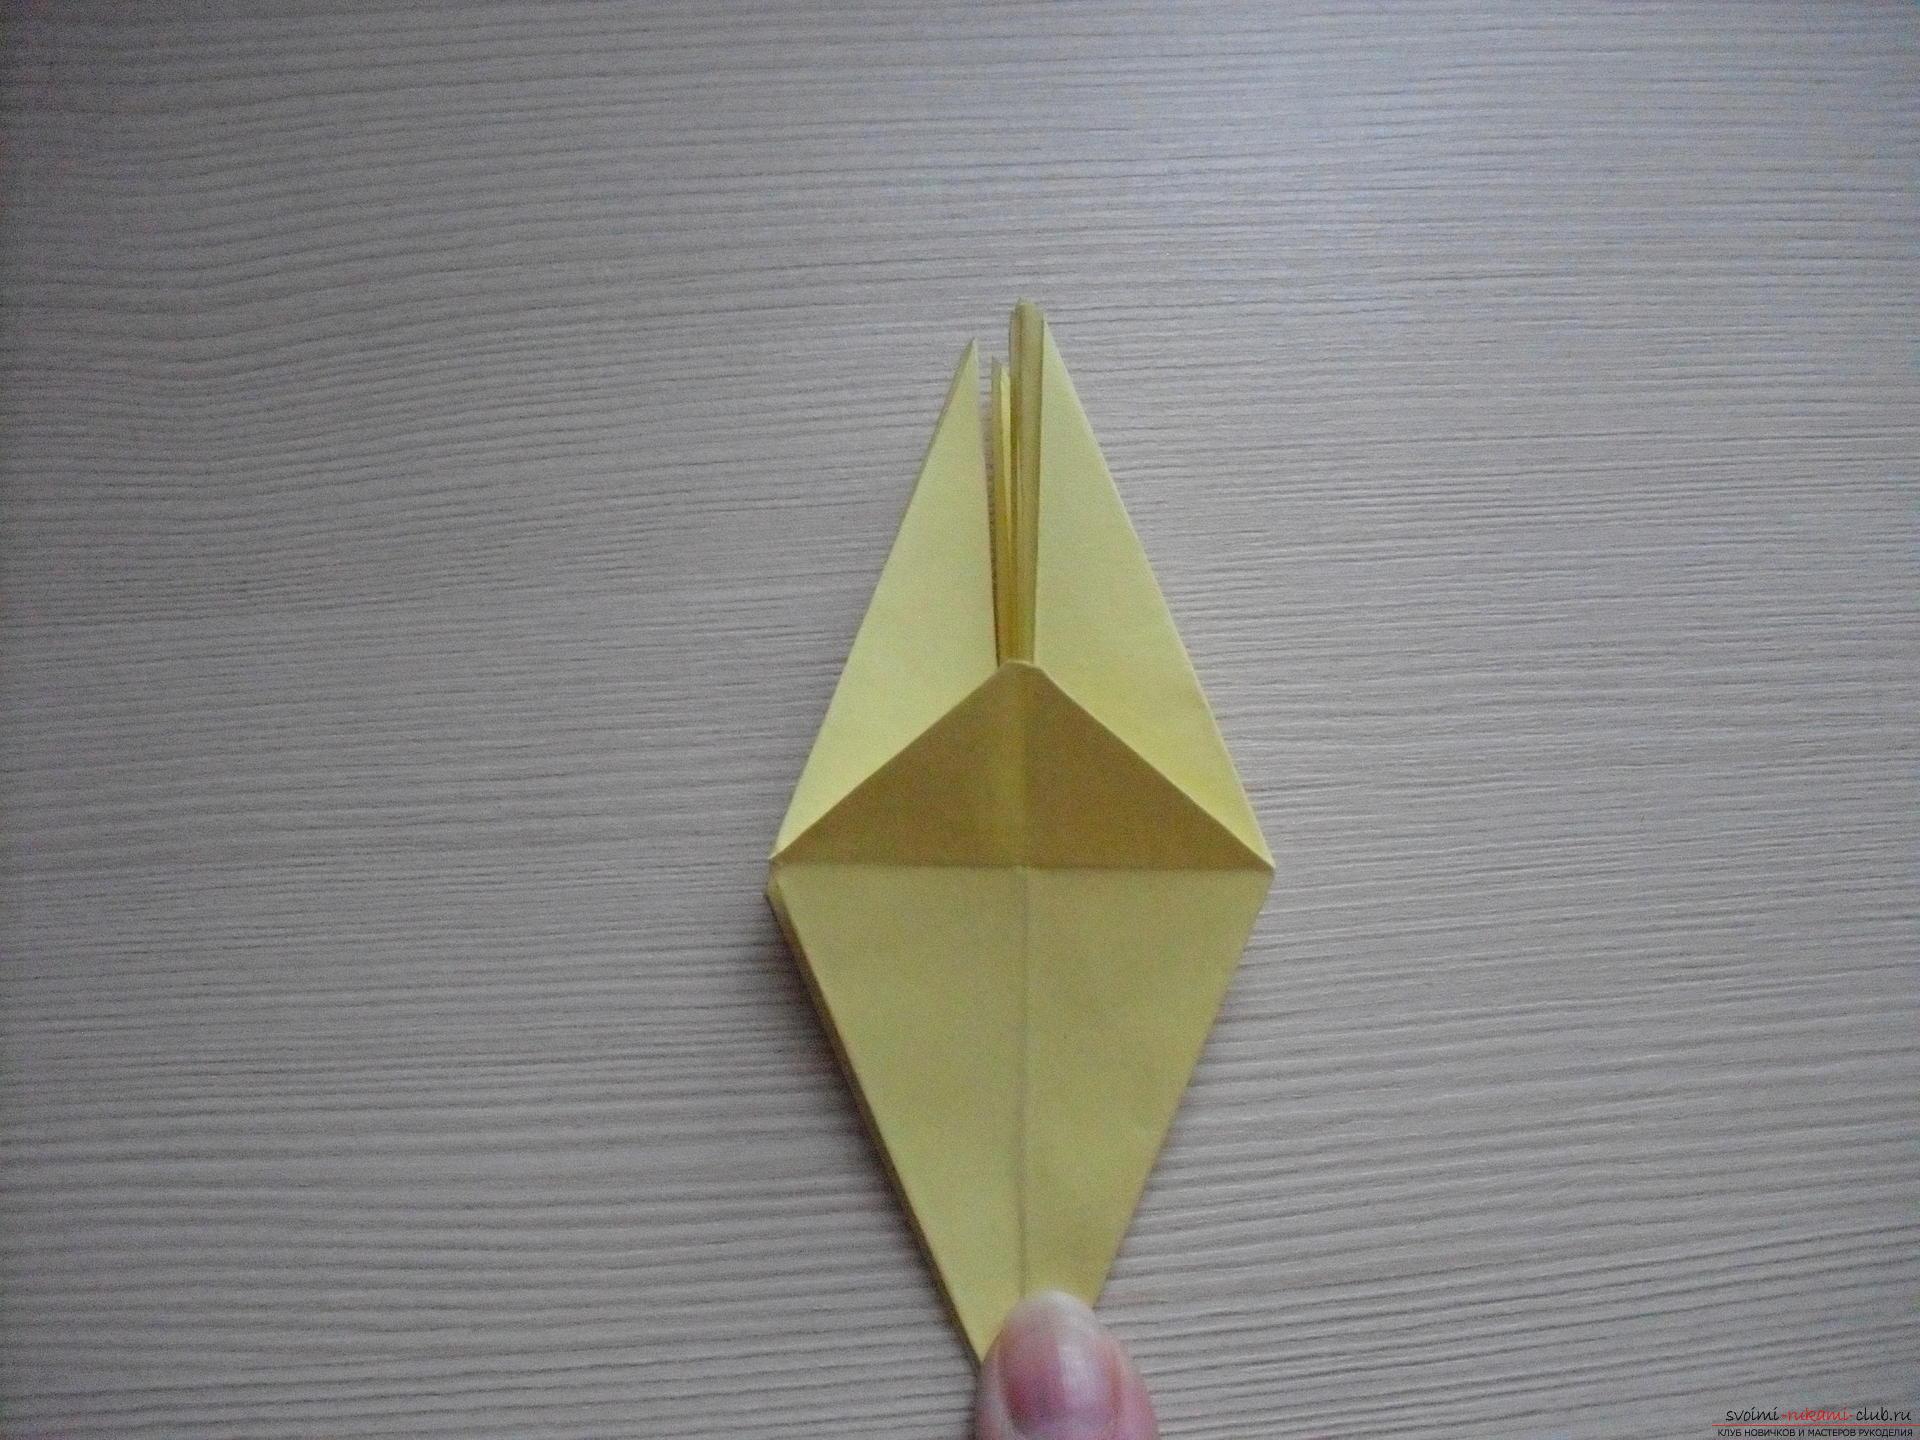 Этот пошаговый мастер-класс с инструкцией модульного оригами научит как сделать корзинку с лилиями.. Фото №33